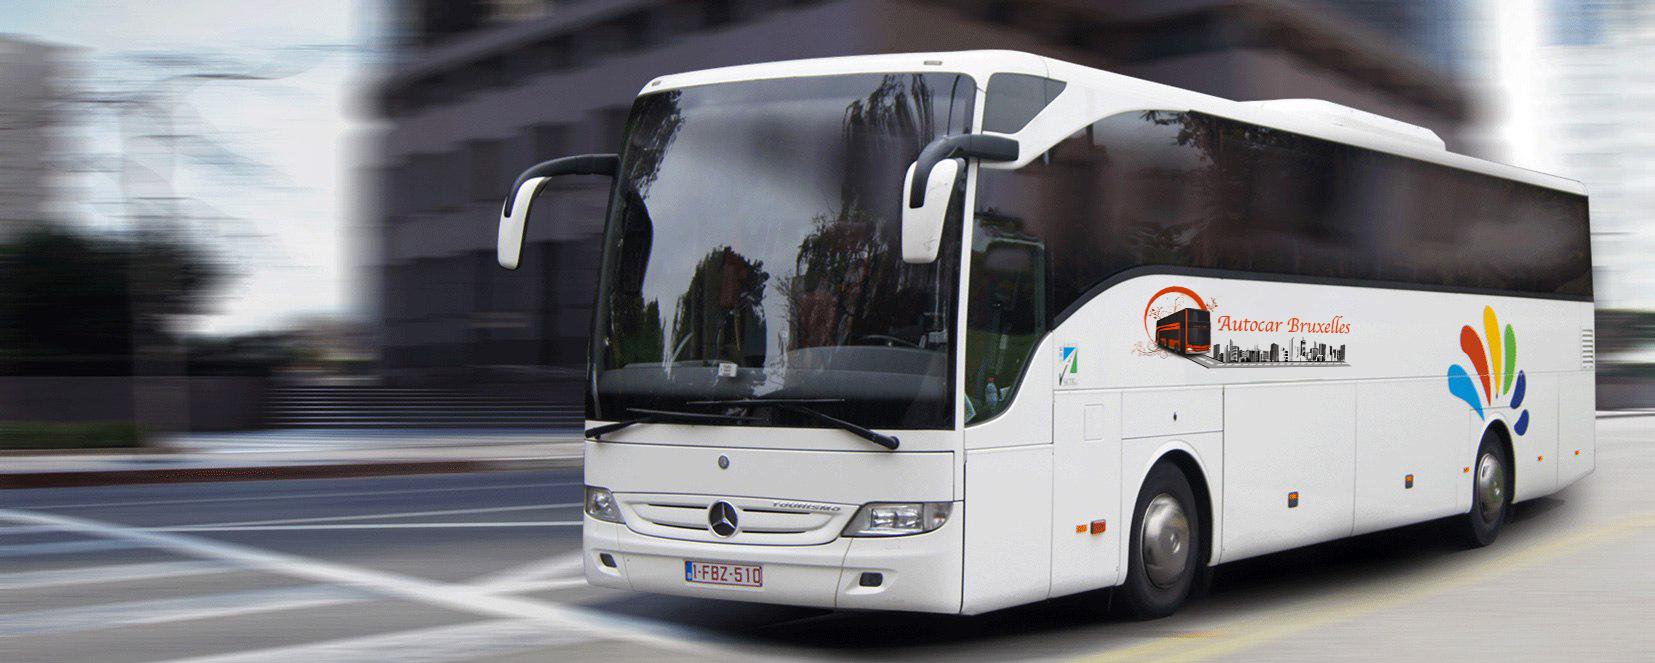 Autocar-bruxelles-slide1